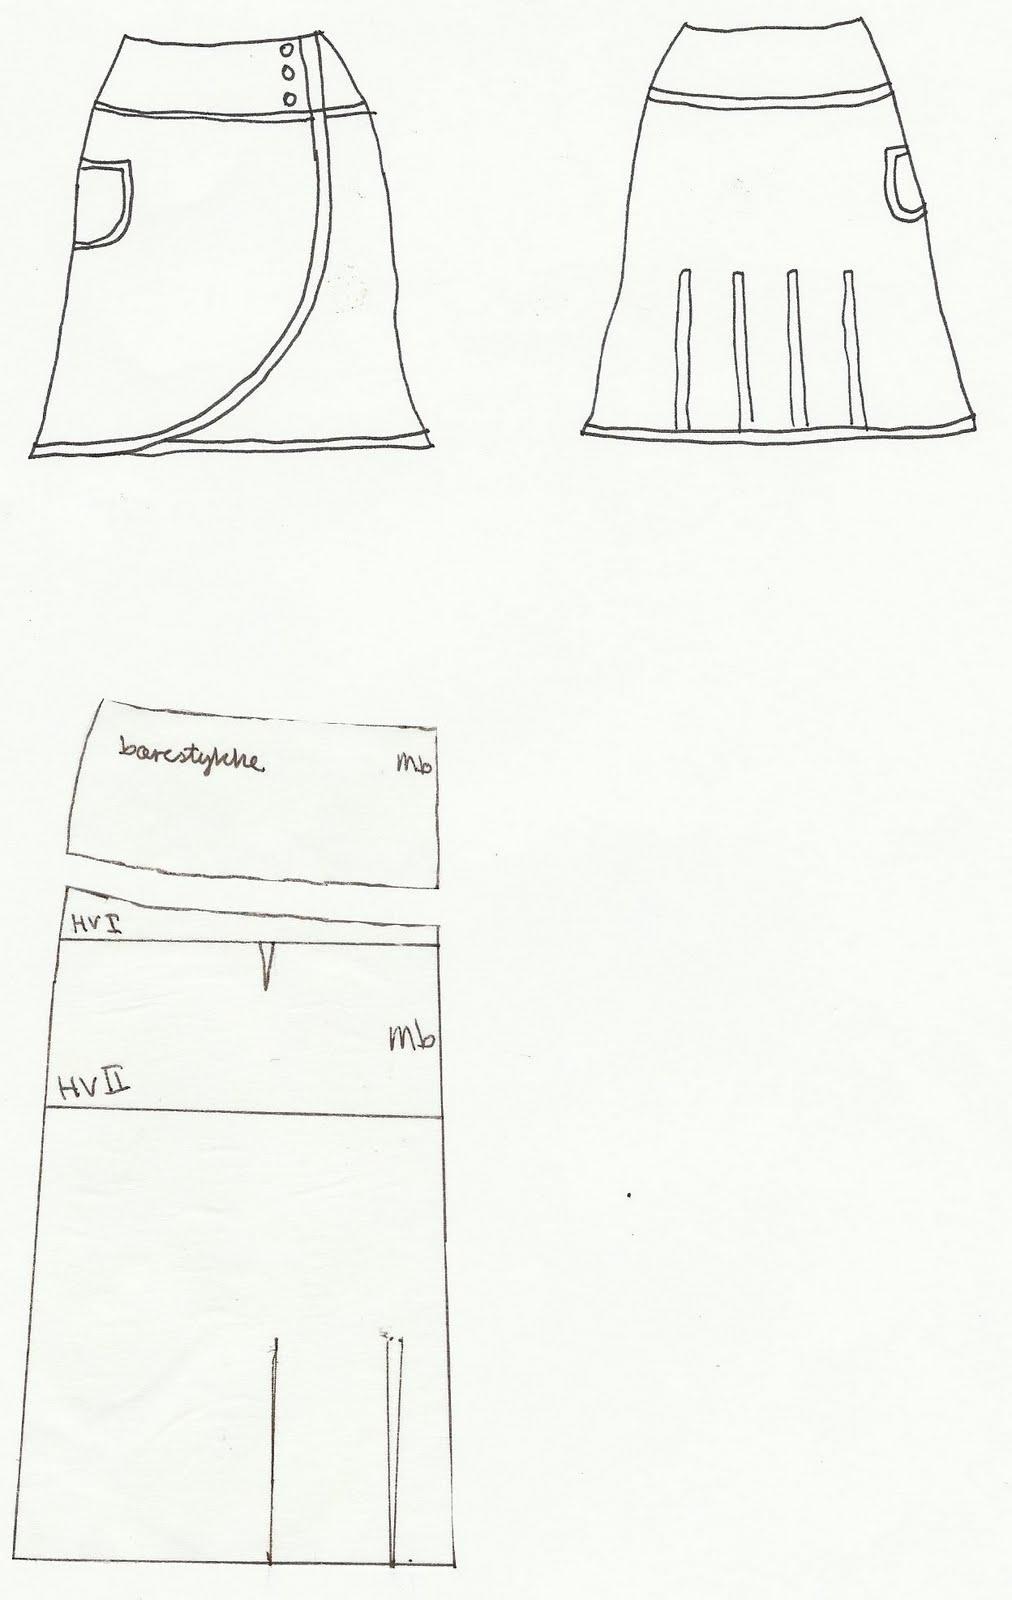 3ec27f95310 Slå om nederdel mønster